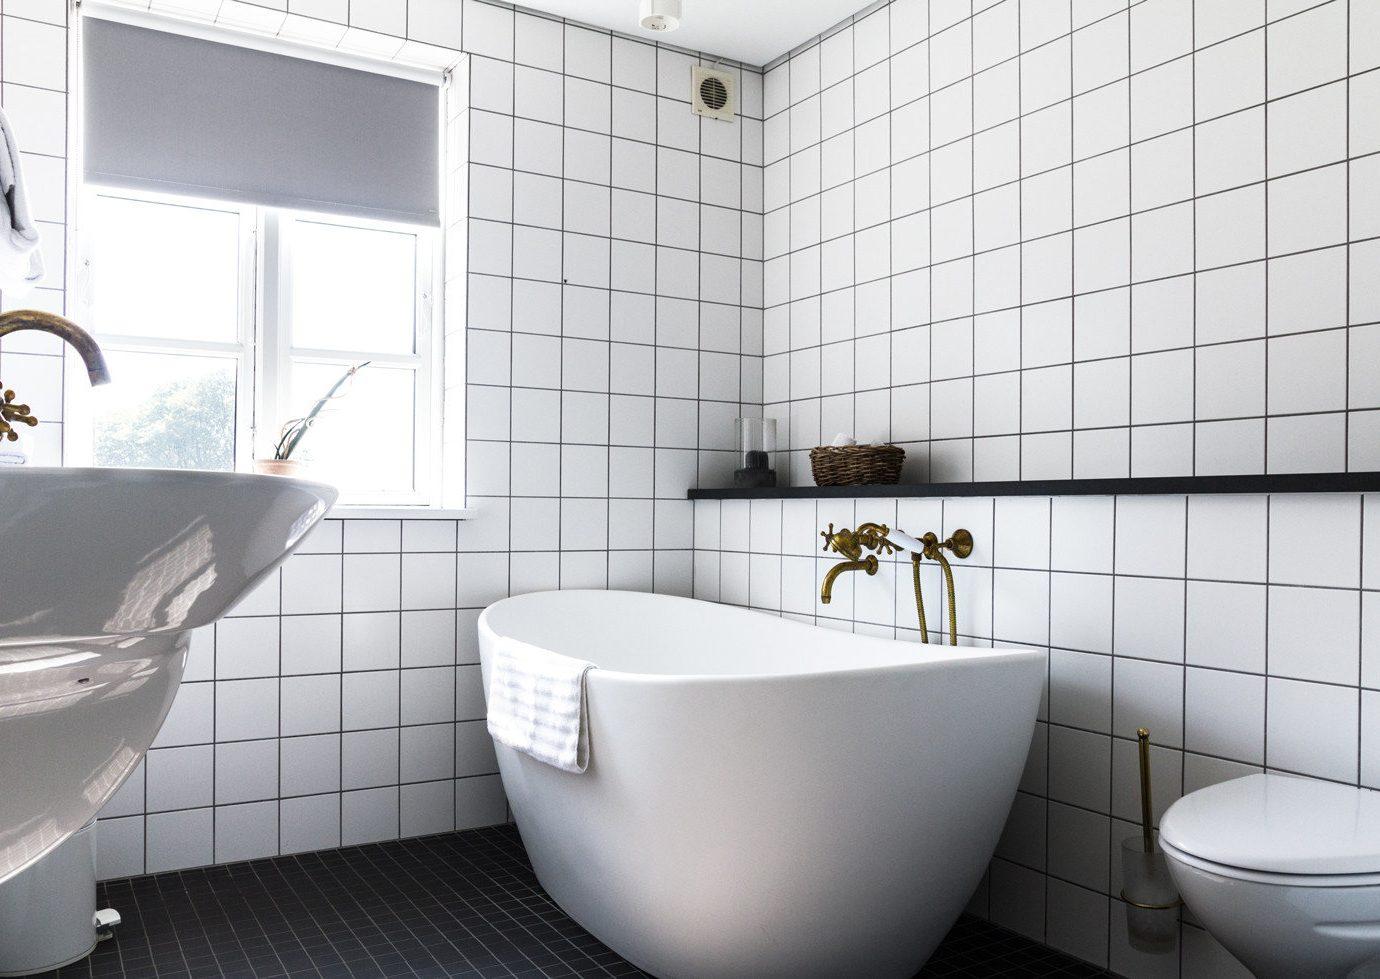 Denmark Finland Hotels Landmarks Luxury Travel Sweden indoor bathroom wall toilet room tile tap plumbing fixture bidet interior design ceramic toilet seat floor product design bathroom accessory angle bathroom sink product flooring sink tiled